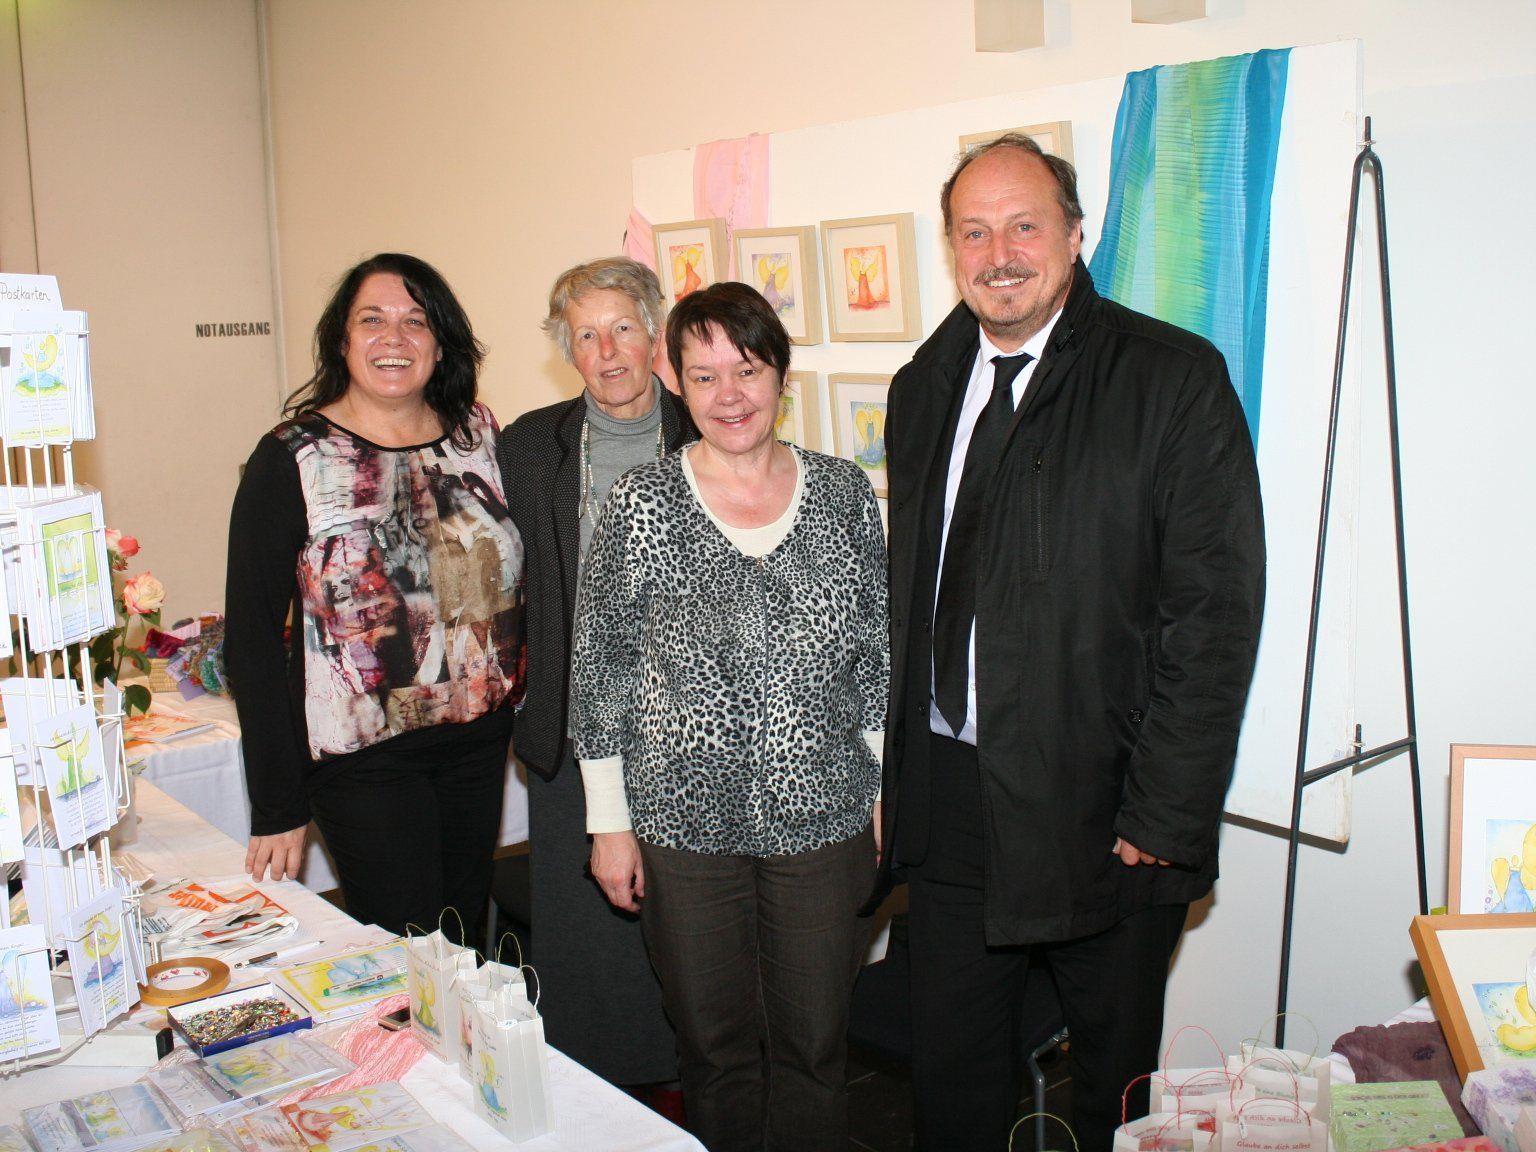 Manuela Hack, Ausstellerinnen Johanna Paterno und Mario Zürcher, Bürgermeister Karl Hehle